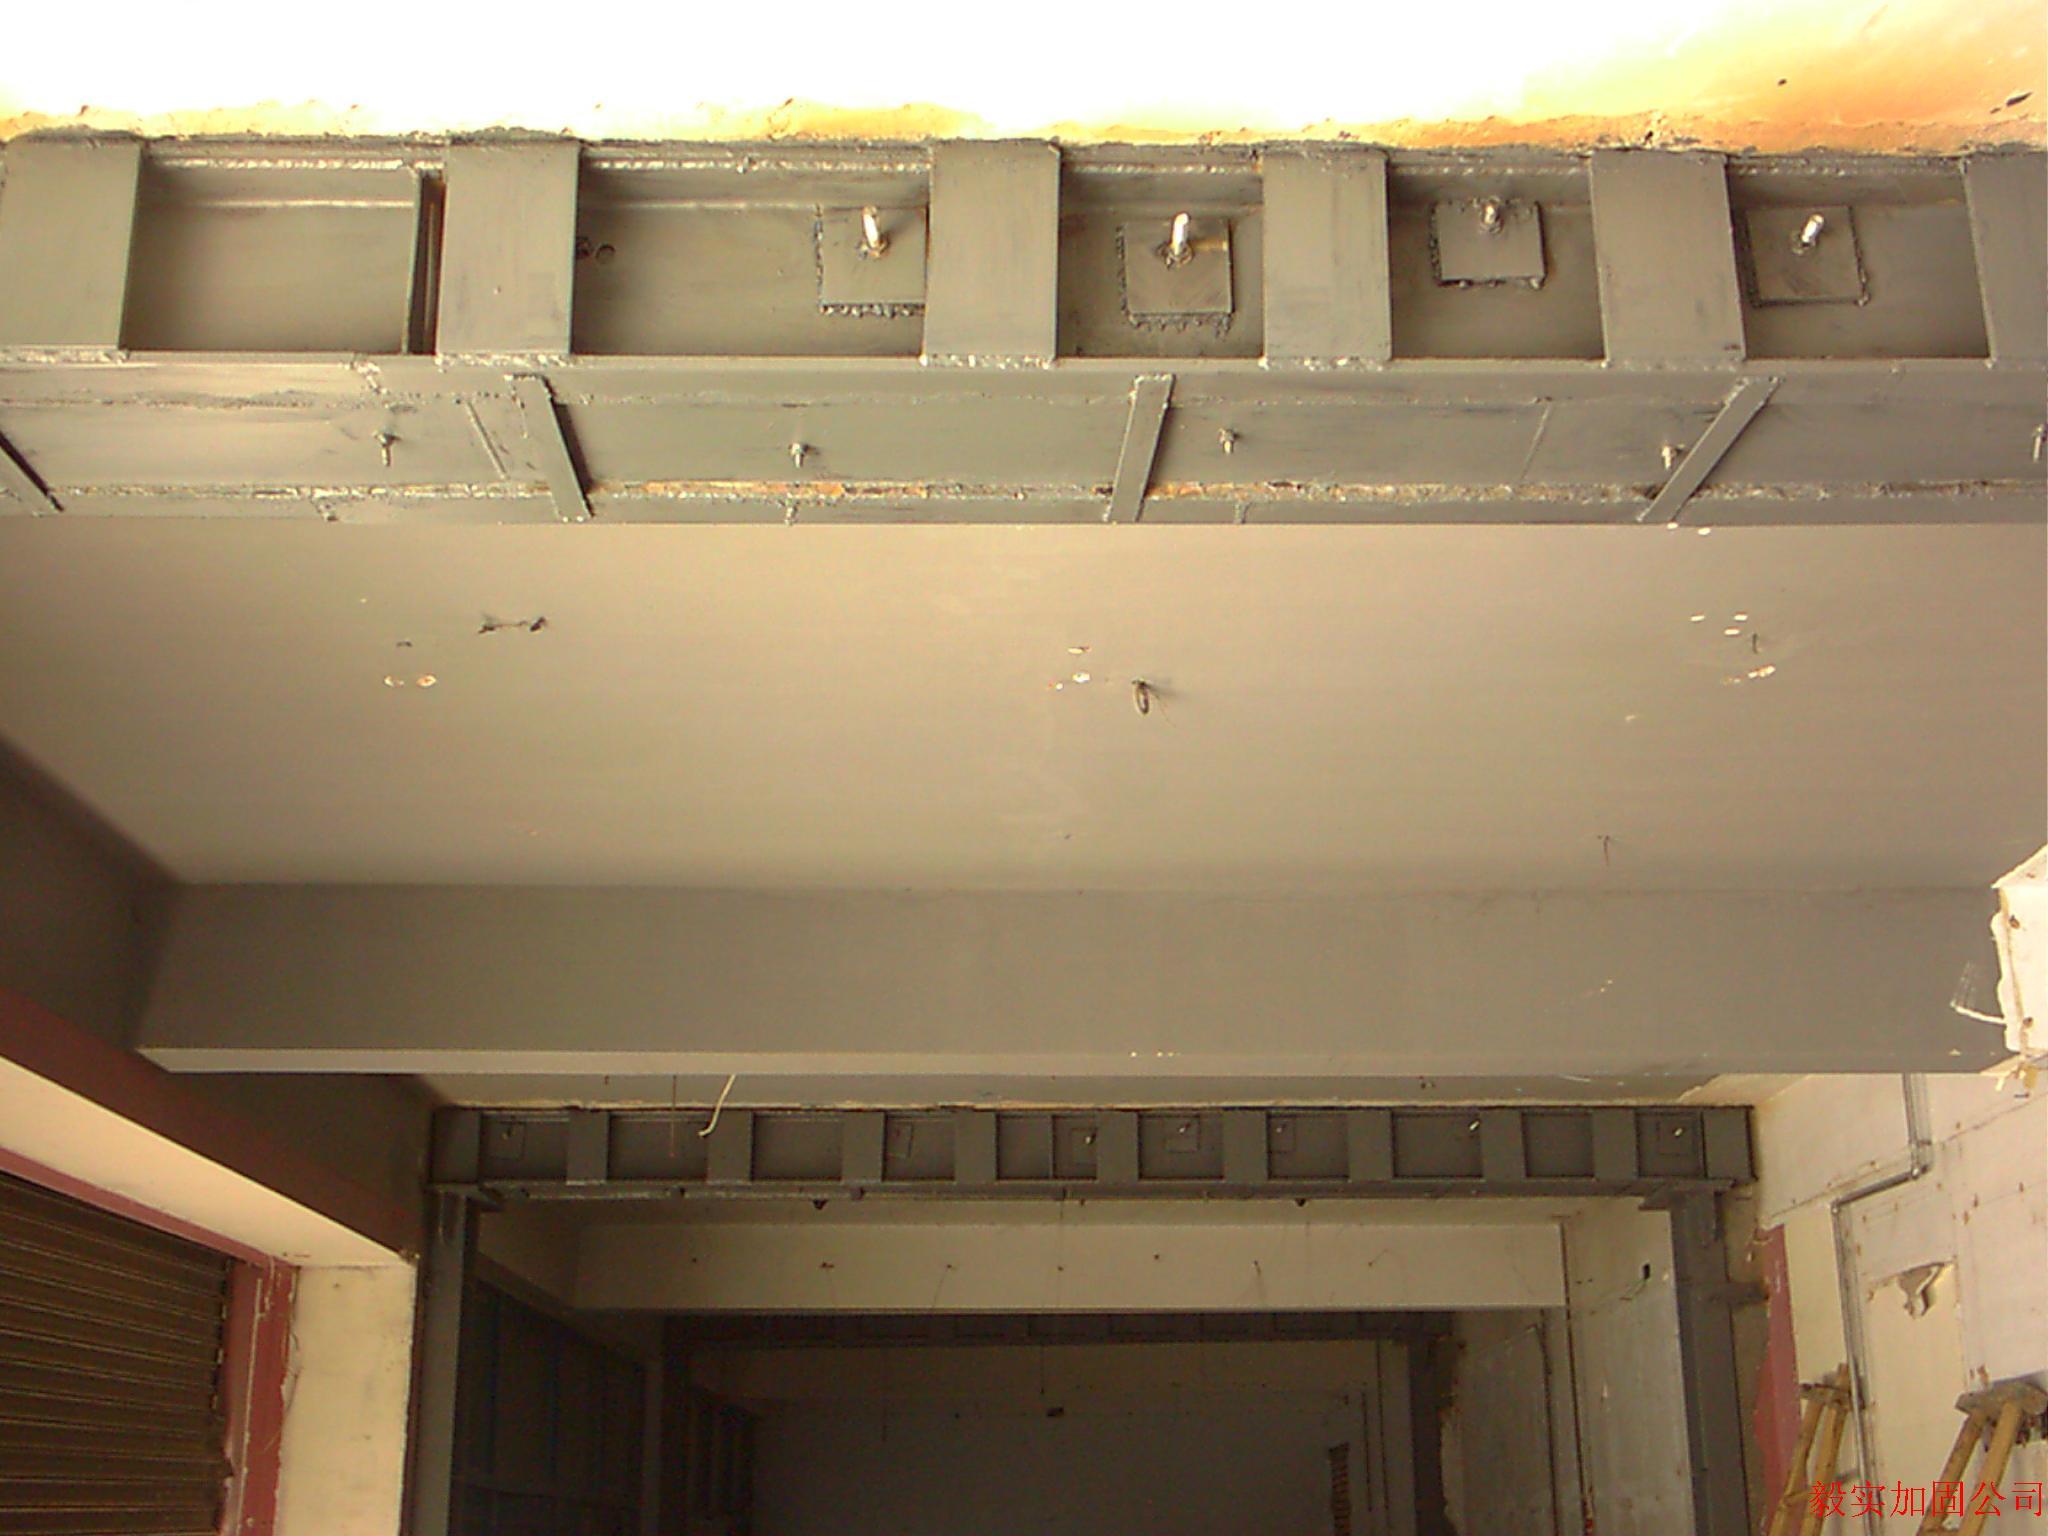 都匀粘钢加固公司、都匀粘钢加固施工【13896169991】 摘要:桥梁粘钢钢板加固是一项技术性强、要求高、行之有效的桥梁加固补强方法。本文结合湖头桥加固现状,详细阐述干粘法粘贴钢板加固施工技术的具体实施工艺。   1工程概况    上部结构为混凝土空心板梁,下部结构为桩柱式桥台。由于近年交通量不断增加,及台后填土压力较大,使该桥盖梁出现较多竖向裂缝,呈现较为严重的病害,给过往车辆带来一定的安全隐患。经设计院现场勘查和检测,根据桥梁部件缺损状况评分表,评为52分,为三类桥梁。由于该桥所在的白剑线,车流量大